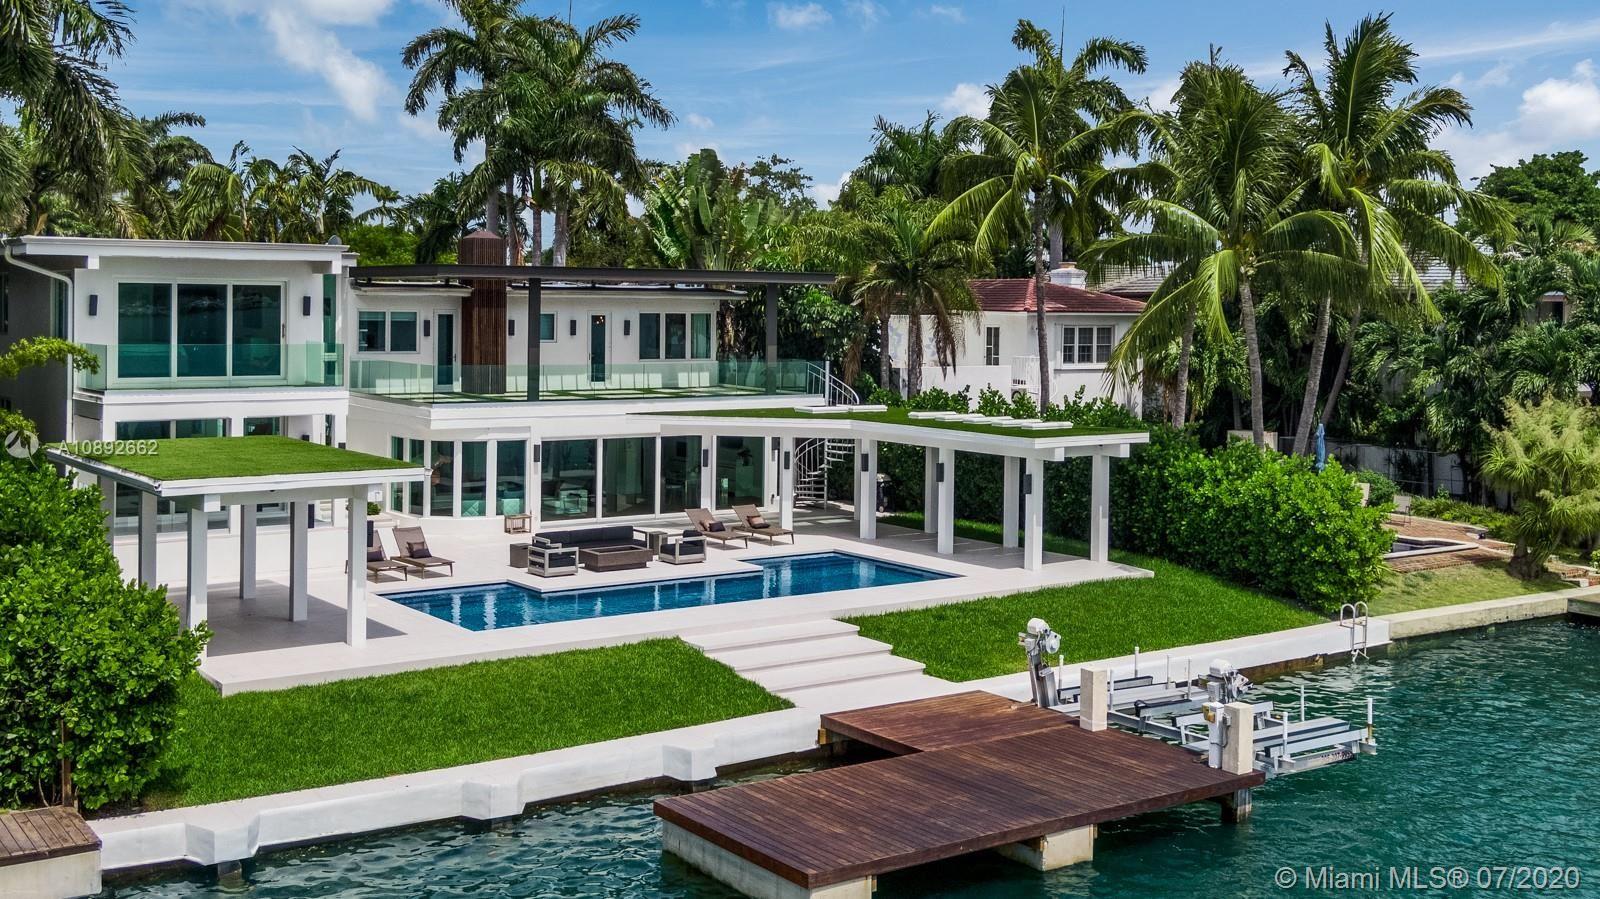 Photo 1 of Listing MLS a10892662 in 327 E Rivo Alto Dr Miami Beach FL 33139